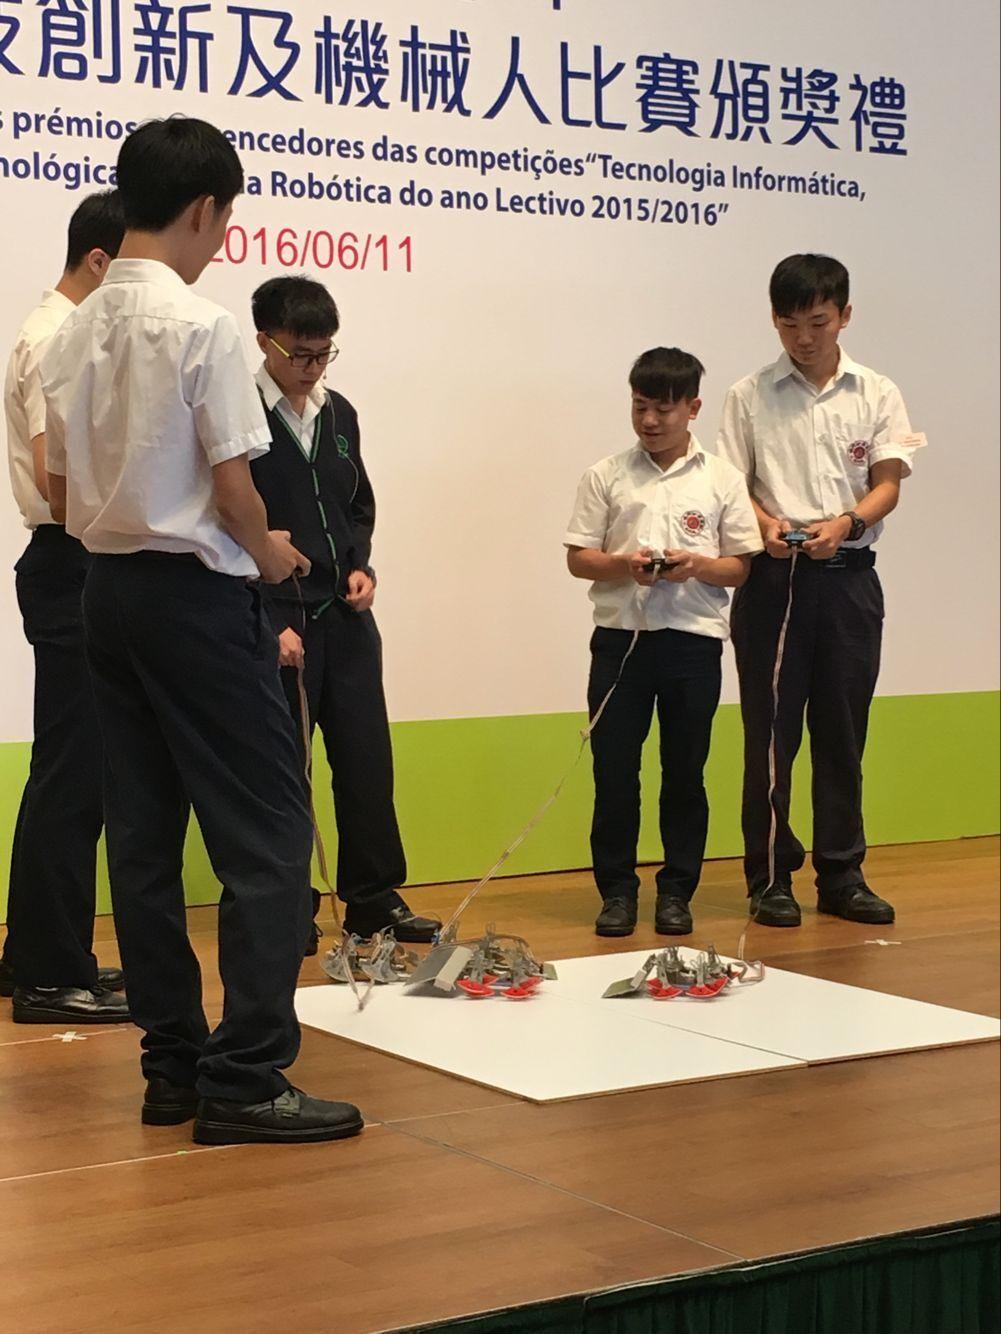 鼓勵中小學生發展創新科技